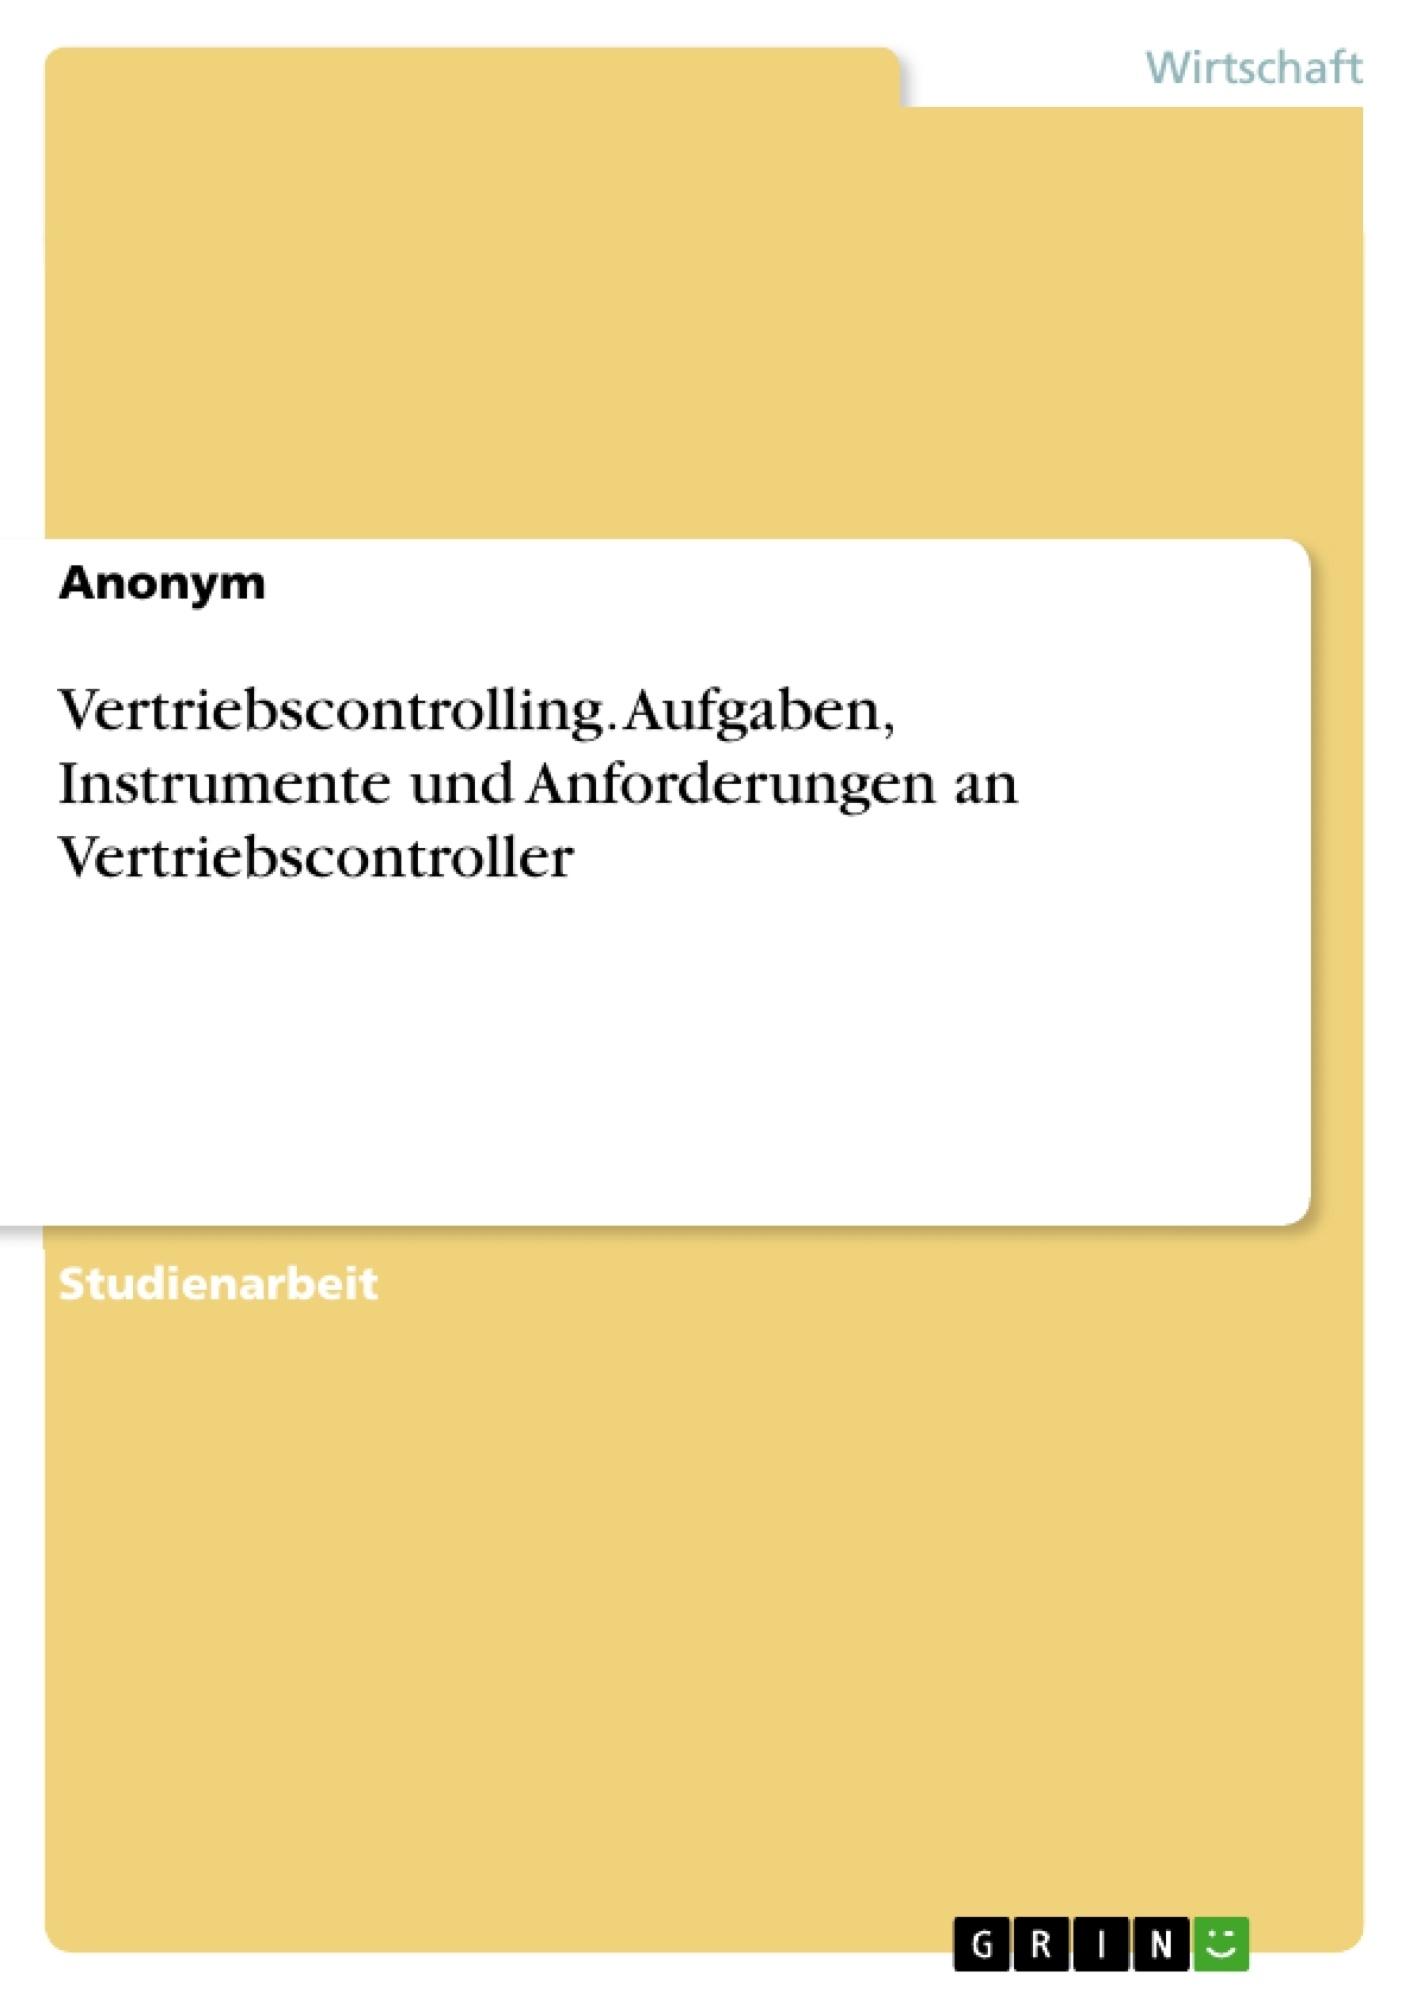 Titel: Vertriebscontrolling. Aufgaben, Instrumente und Anforderungen an Vertriebscontroller